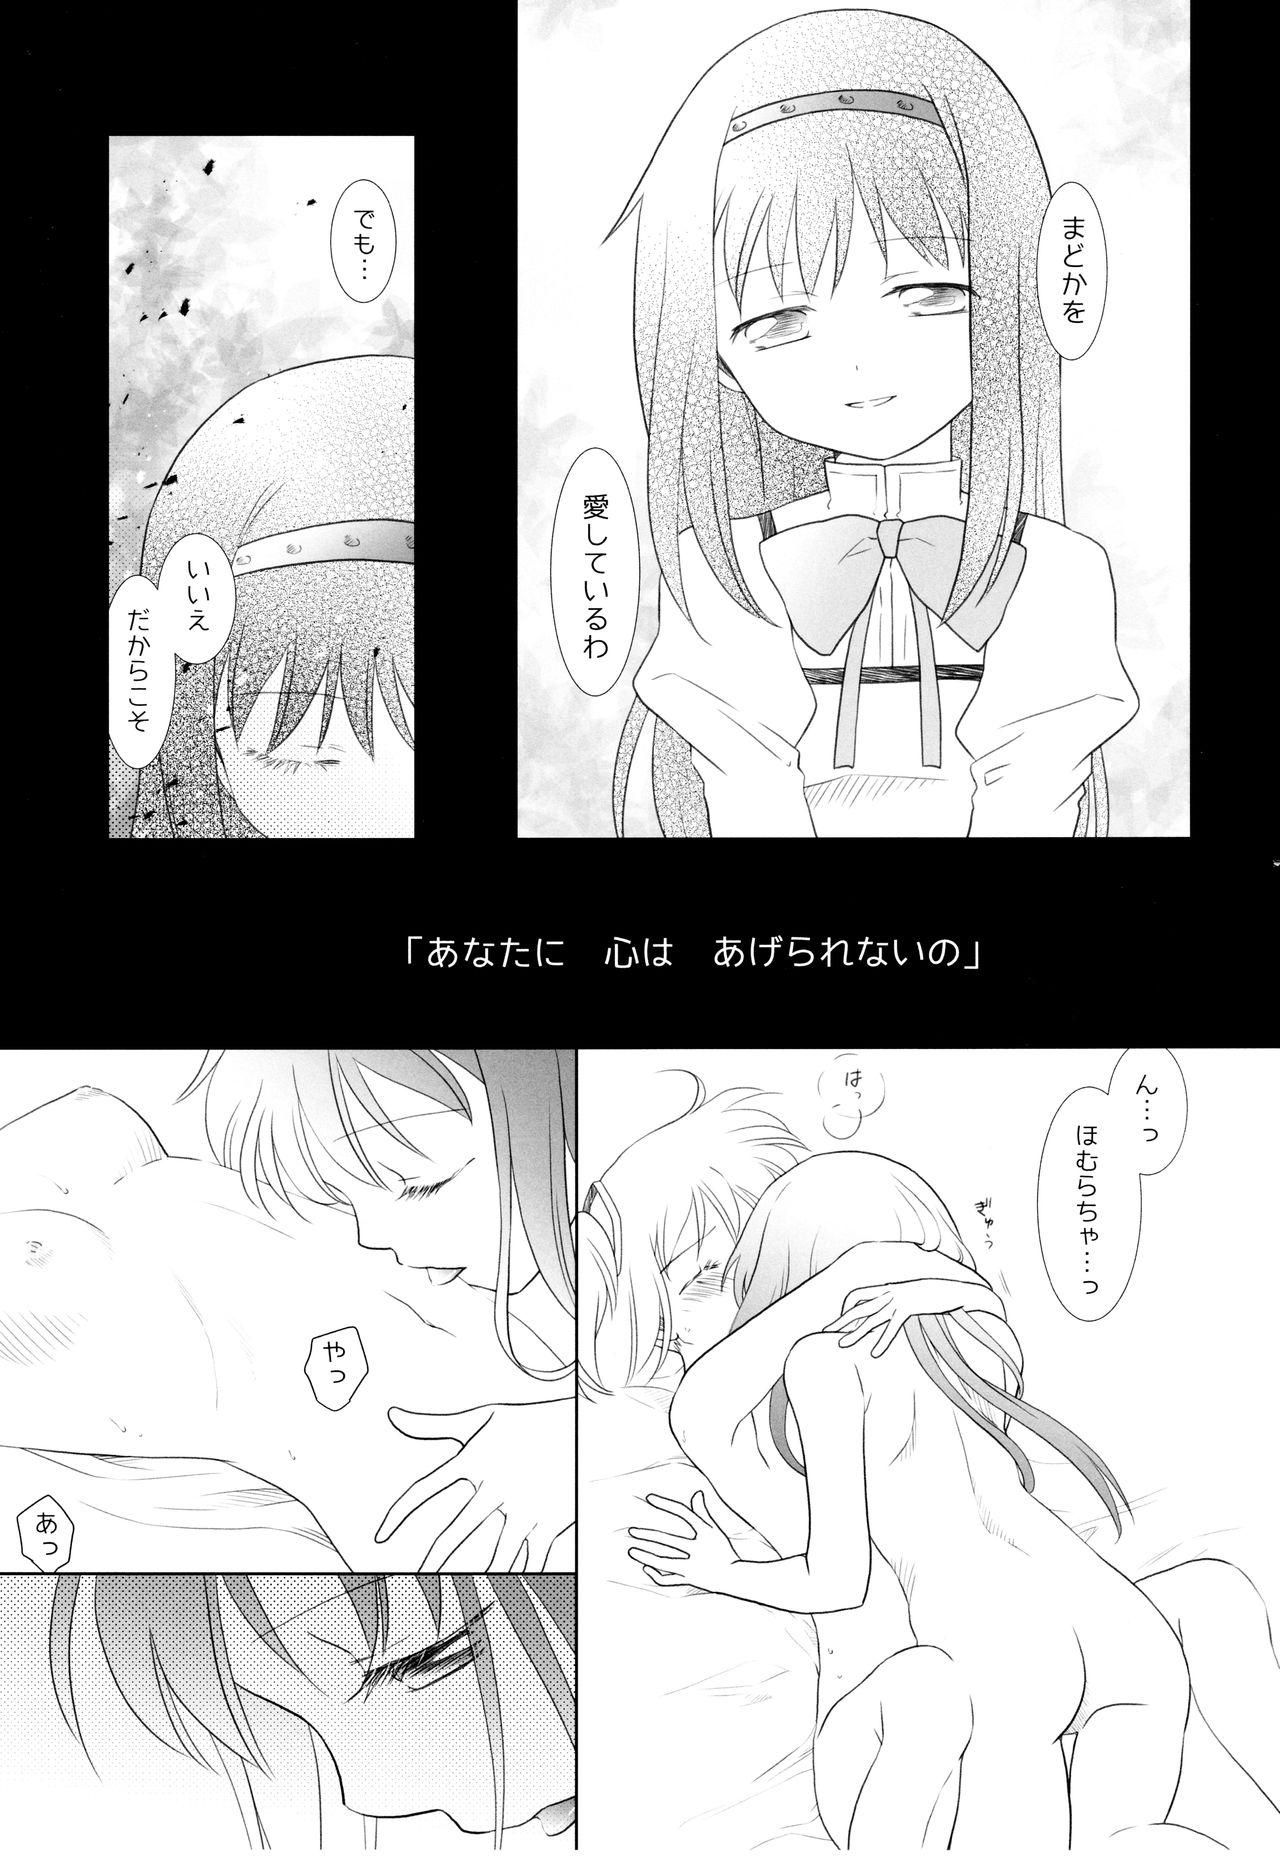 Utsuro no Mori 7